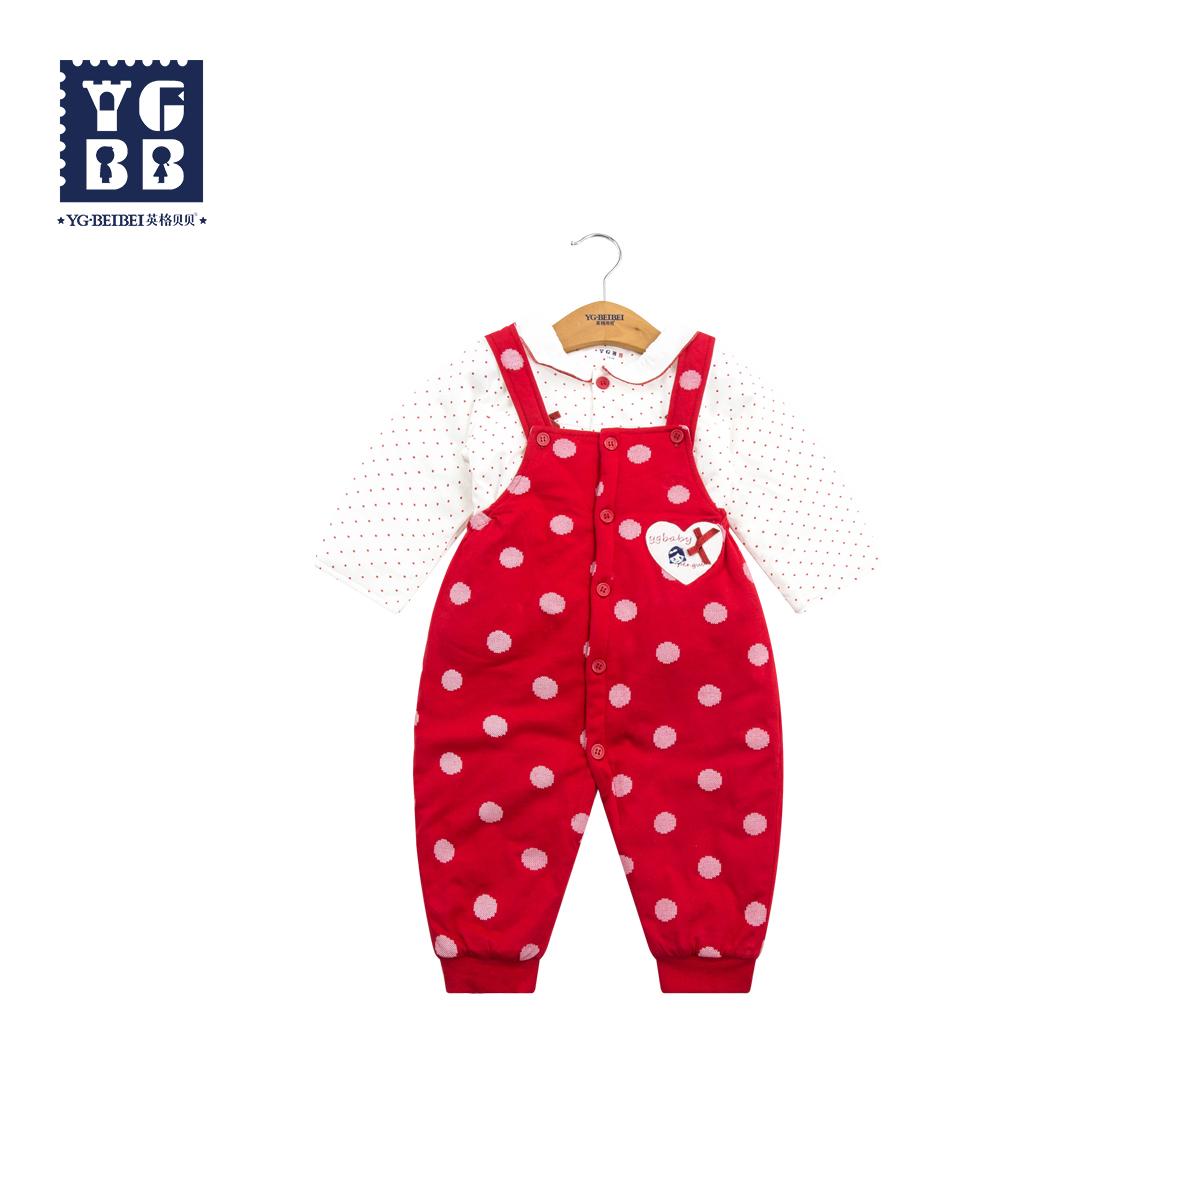 英格贝贝女童秋装套装2018新款宝宝洋气背带裤两件套婴儿周岁礼服